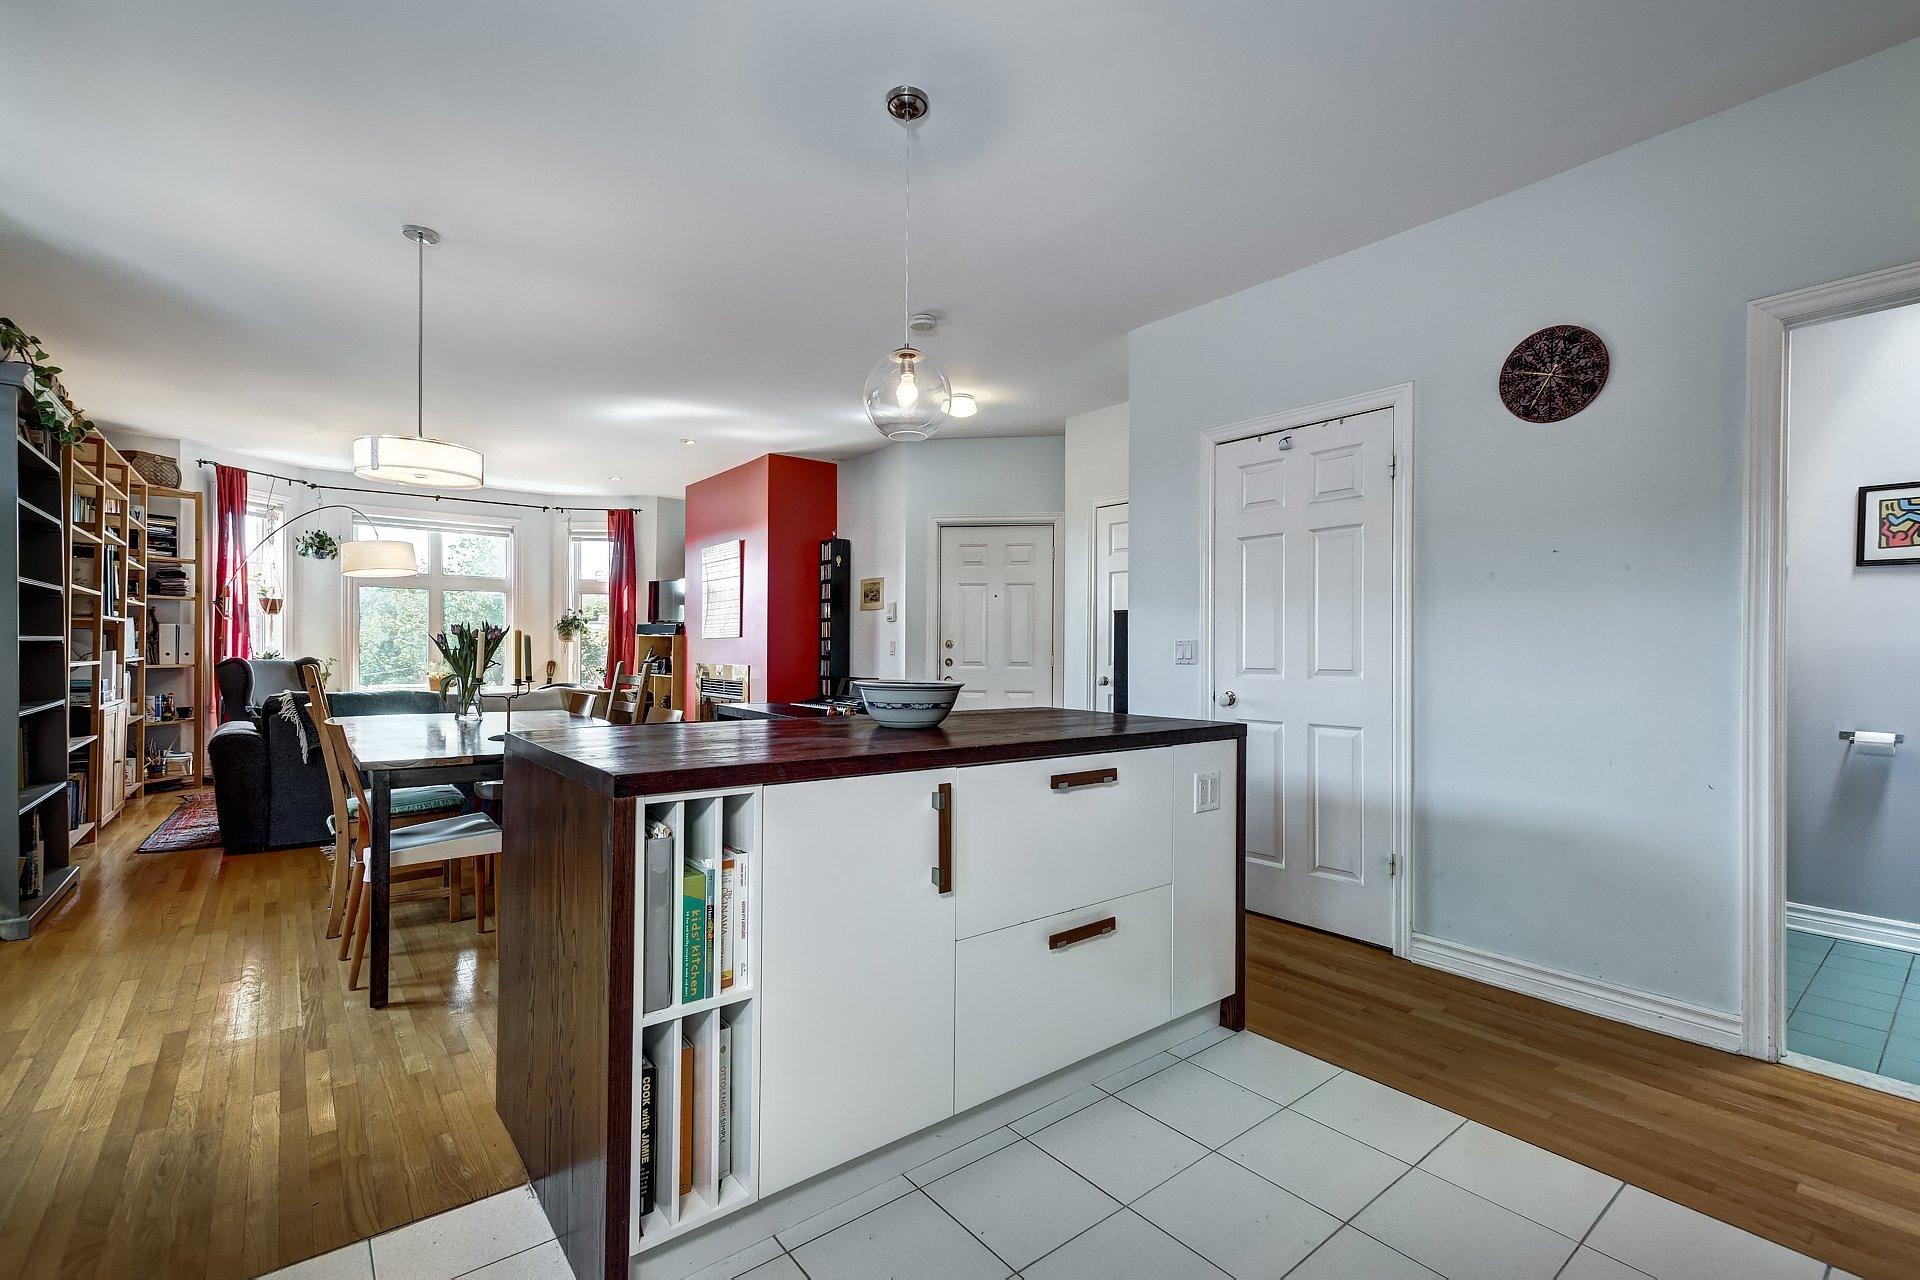 image 7 - Appartement À vendre Outremont Montréal  - 6 pièces